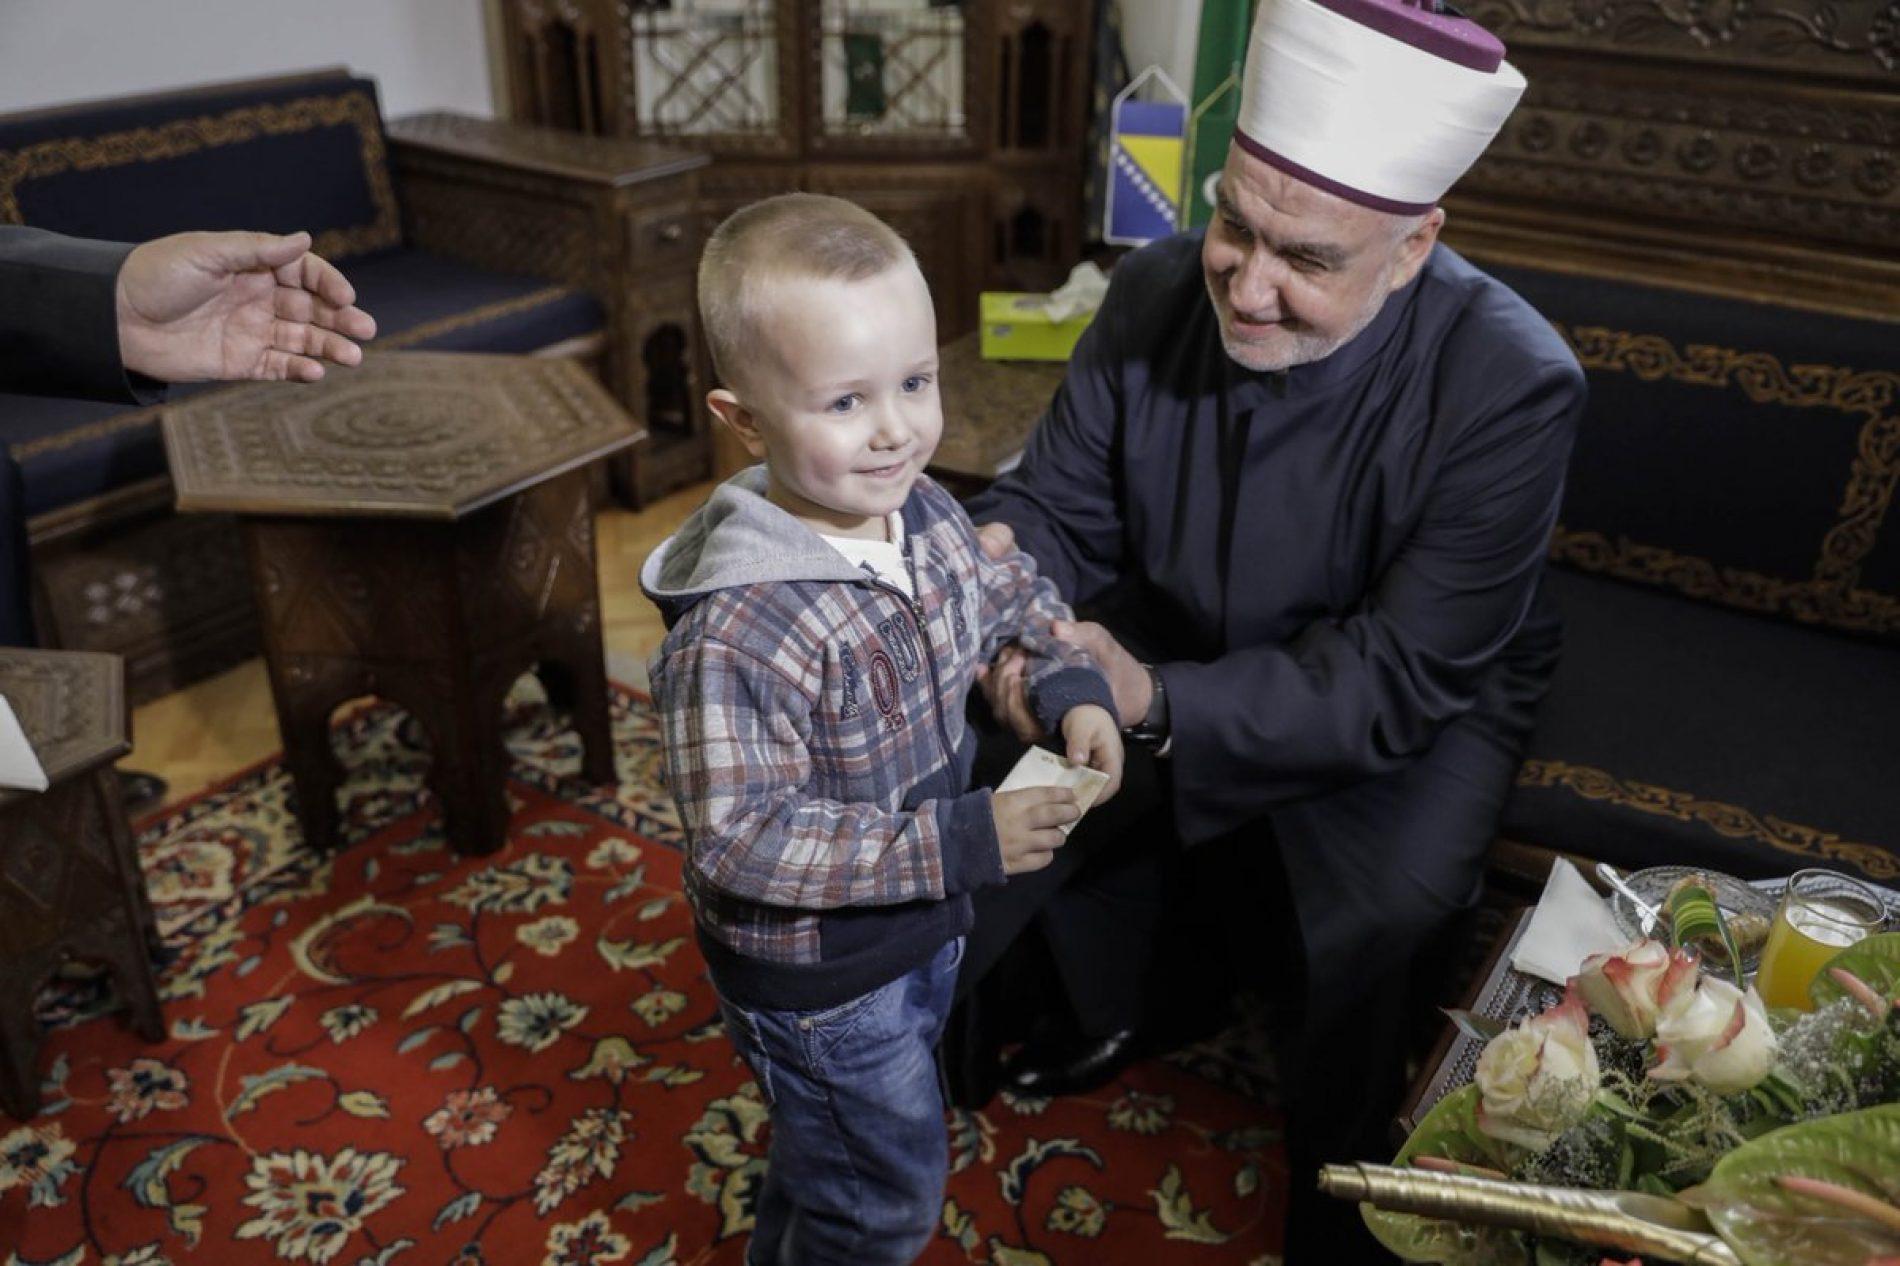 Bajramsko čestitanje kod reisa Kavazovića: Baklava i kafa za goste, bajram-banka za najmlađe